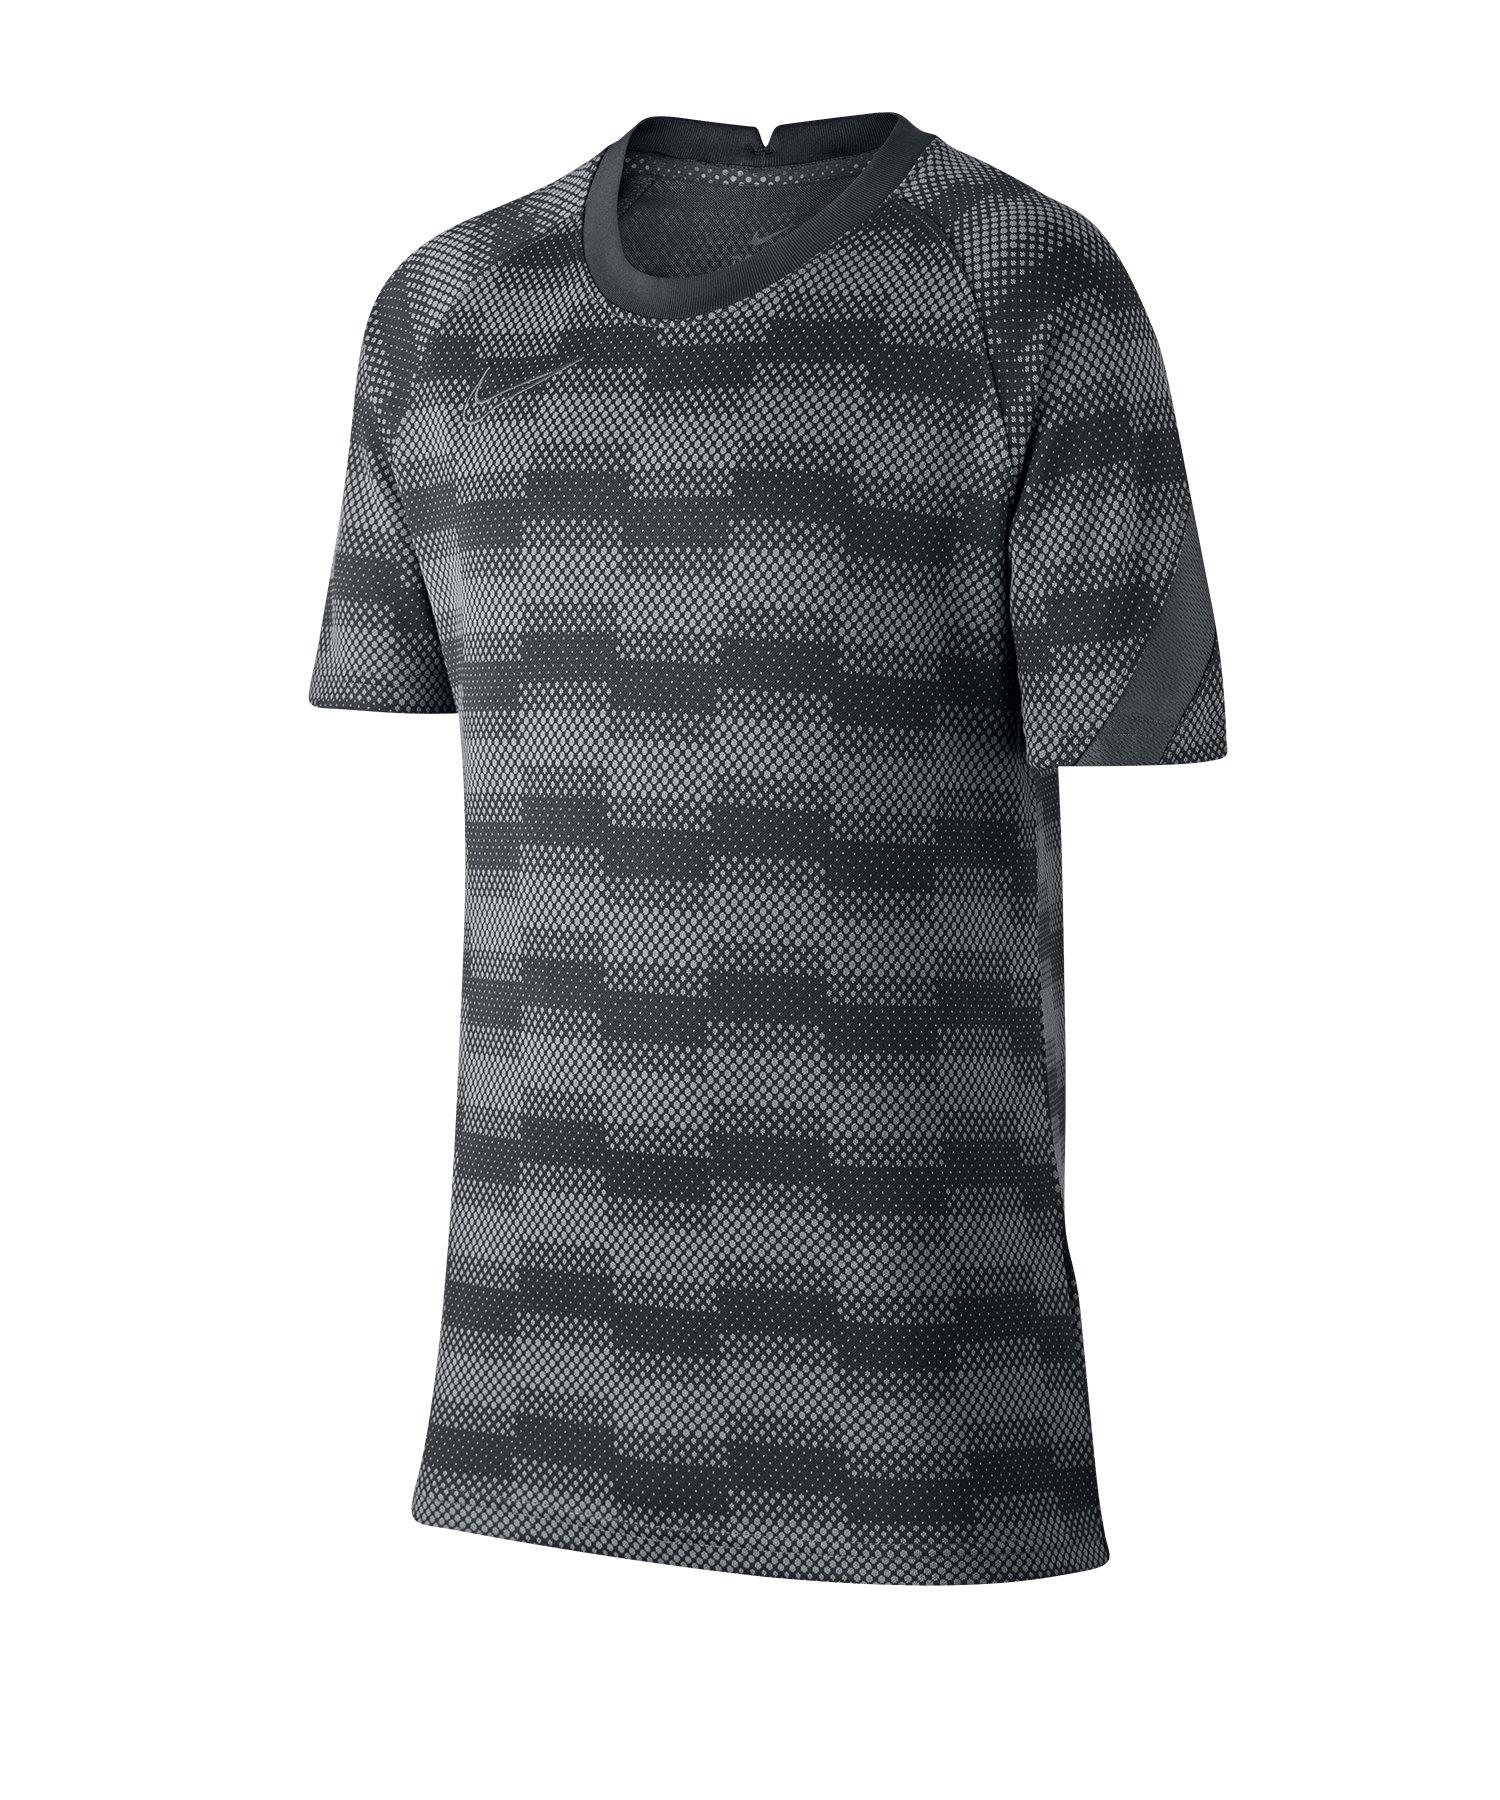 Nike Academy Shirt kurzarm Kids F010 - schwarz